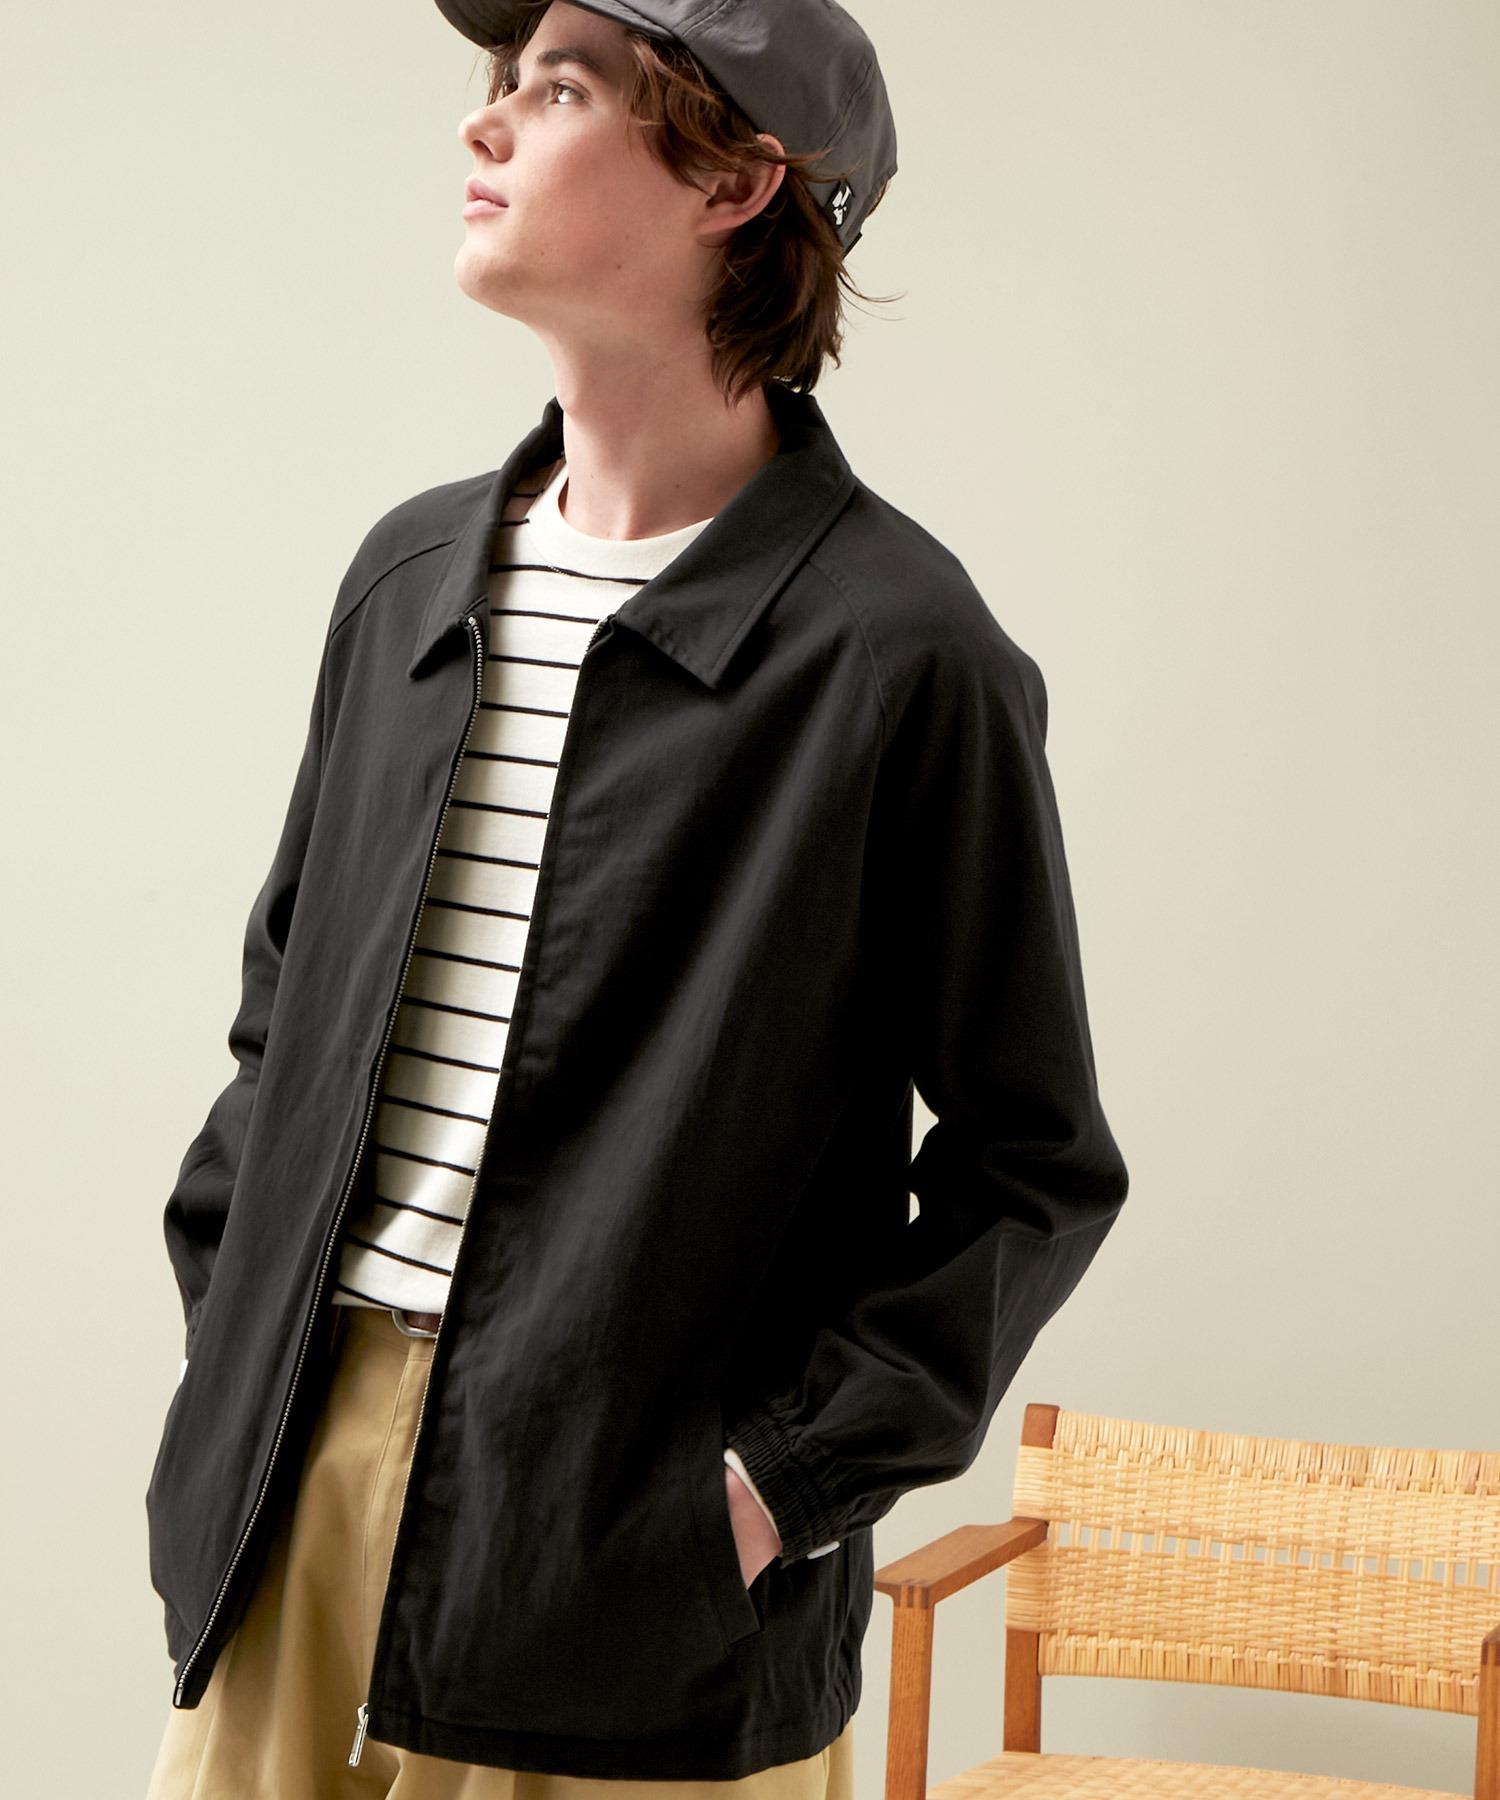 コットンツイル/デニム/ストライプ/チェック ジップブルゾン ジャケット/スイングトップ/スウィングトップ2020AW(EMMA CLOTHES)